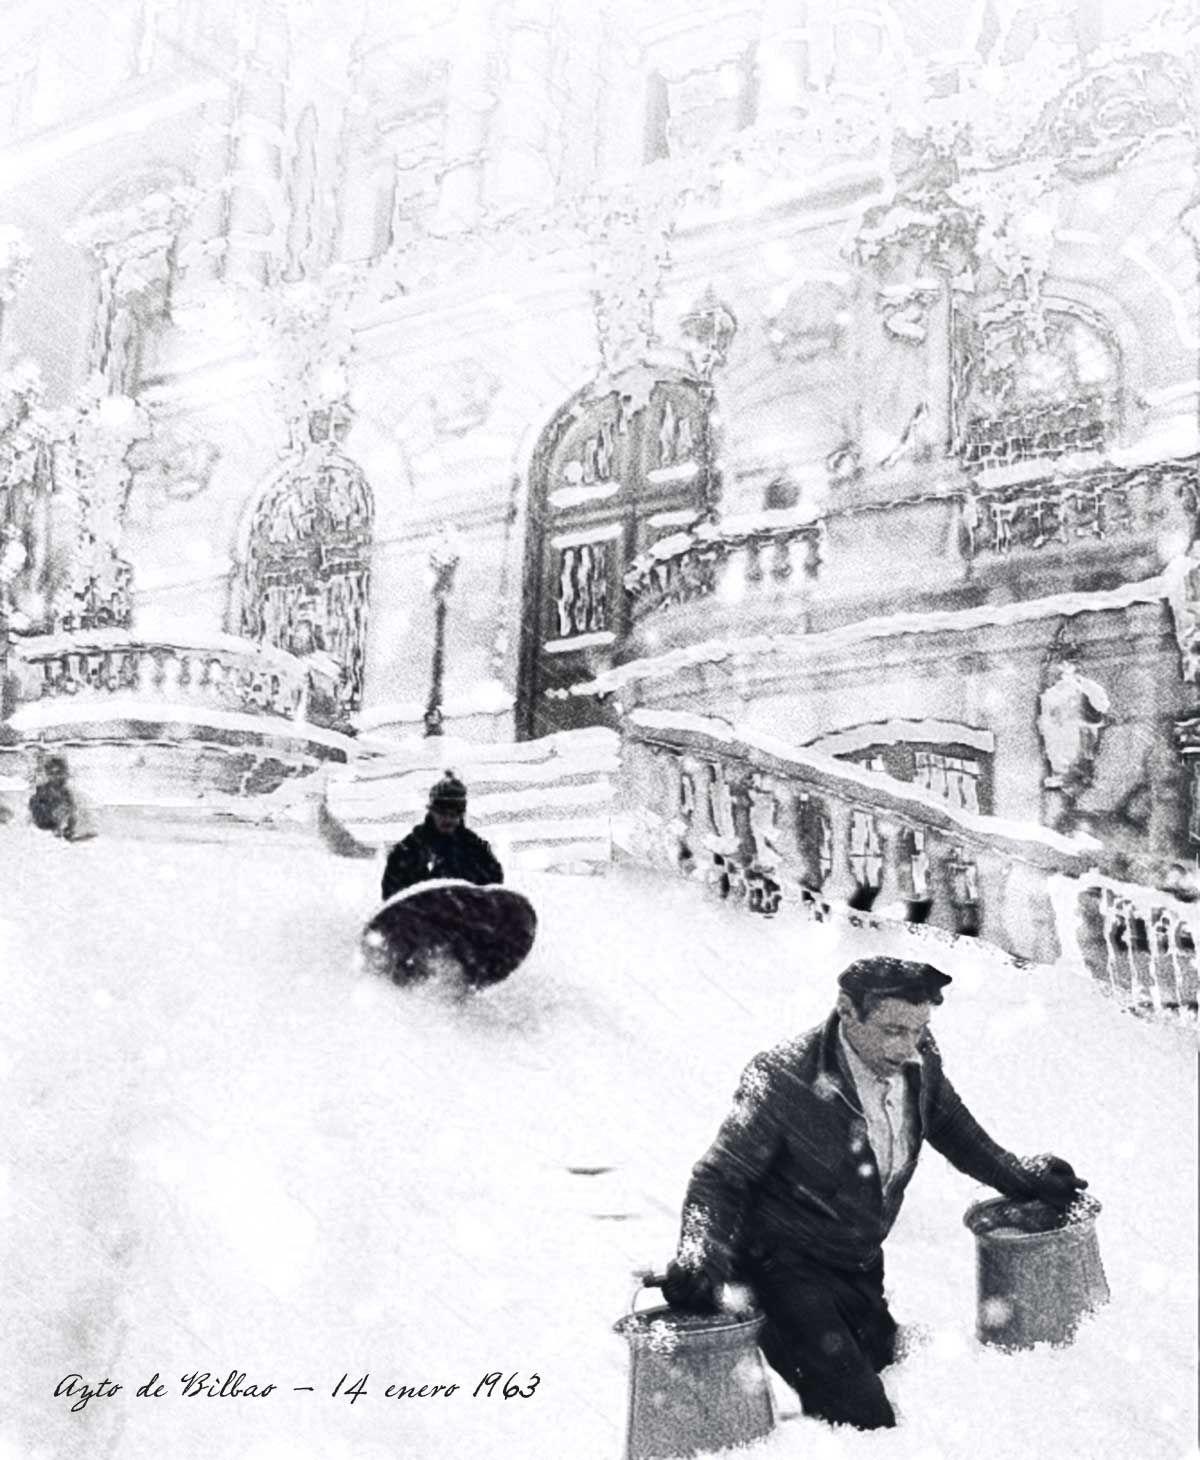 14 de enero 1963 - Gran nevada sobre Bilbao. En el Ayuntamiento se alcanzaron los 2,47 metros de espesor de nieve. (Foto Udal Artxiboa).